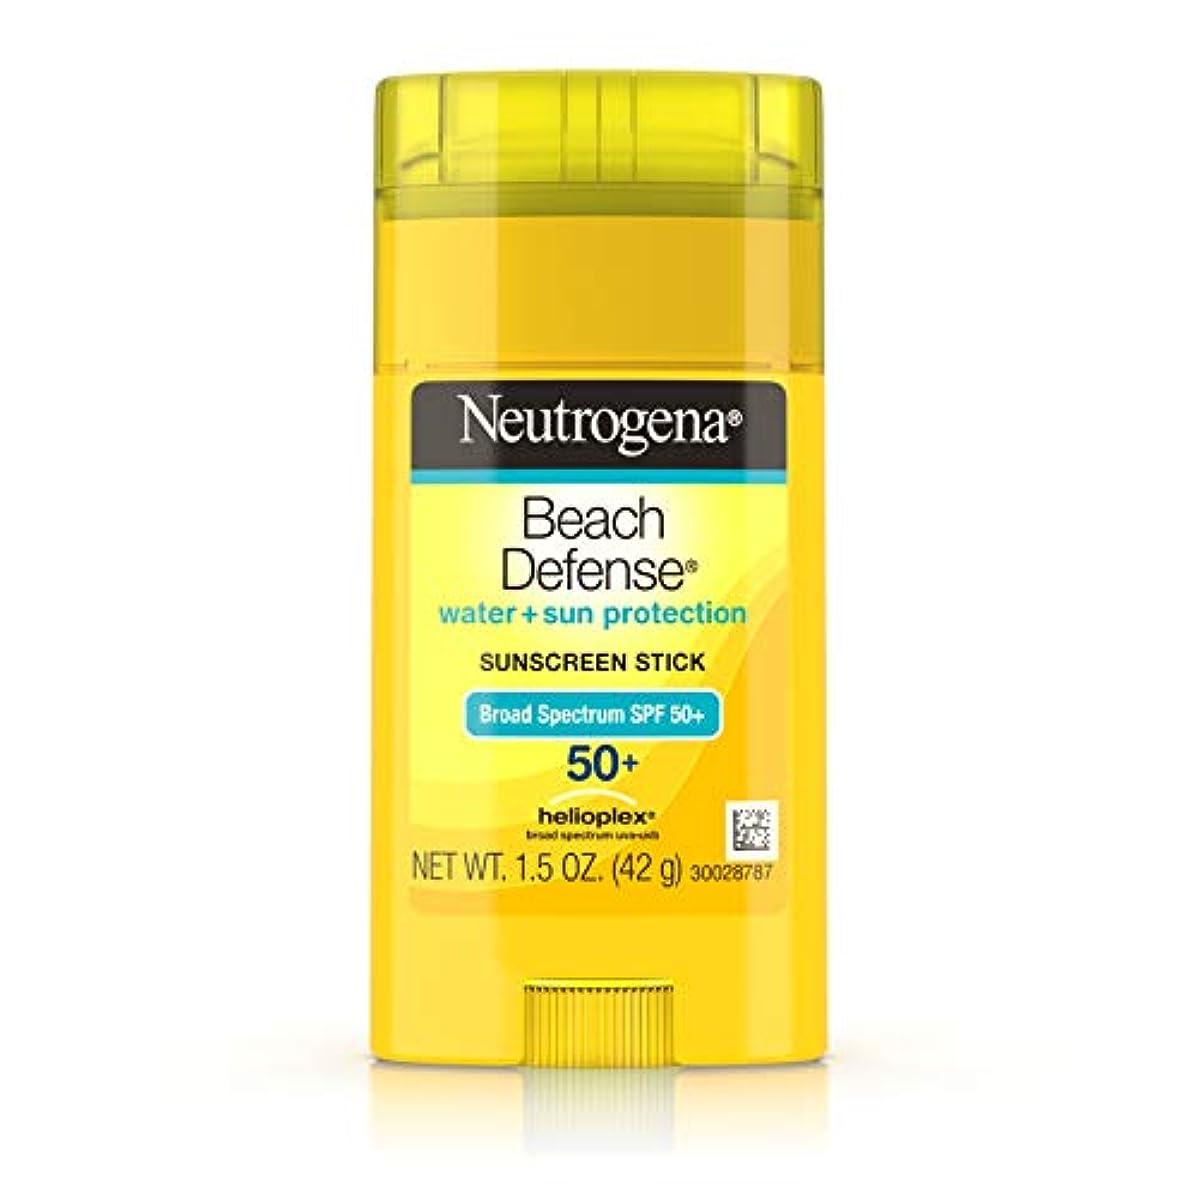 シロナガスクジラ階下印をつけるNeutrogena Sunscreen Beach Defense Sunblock Stick SPF 50, 1.5 Ounce